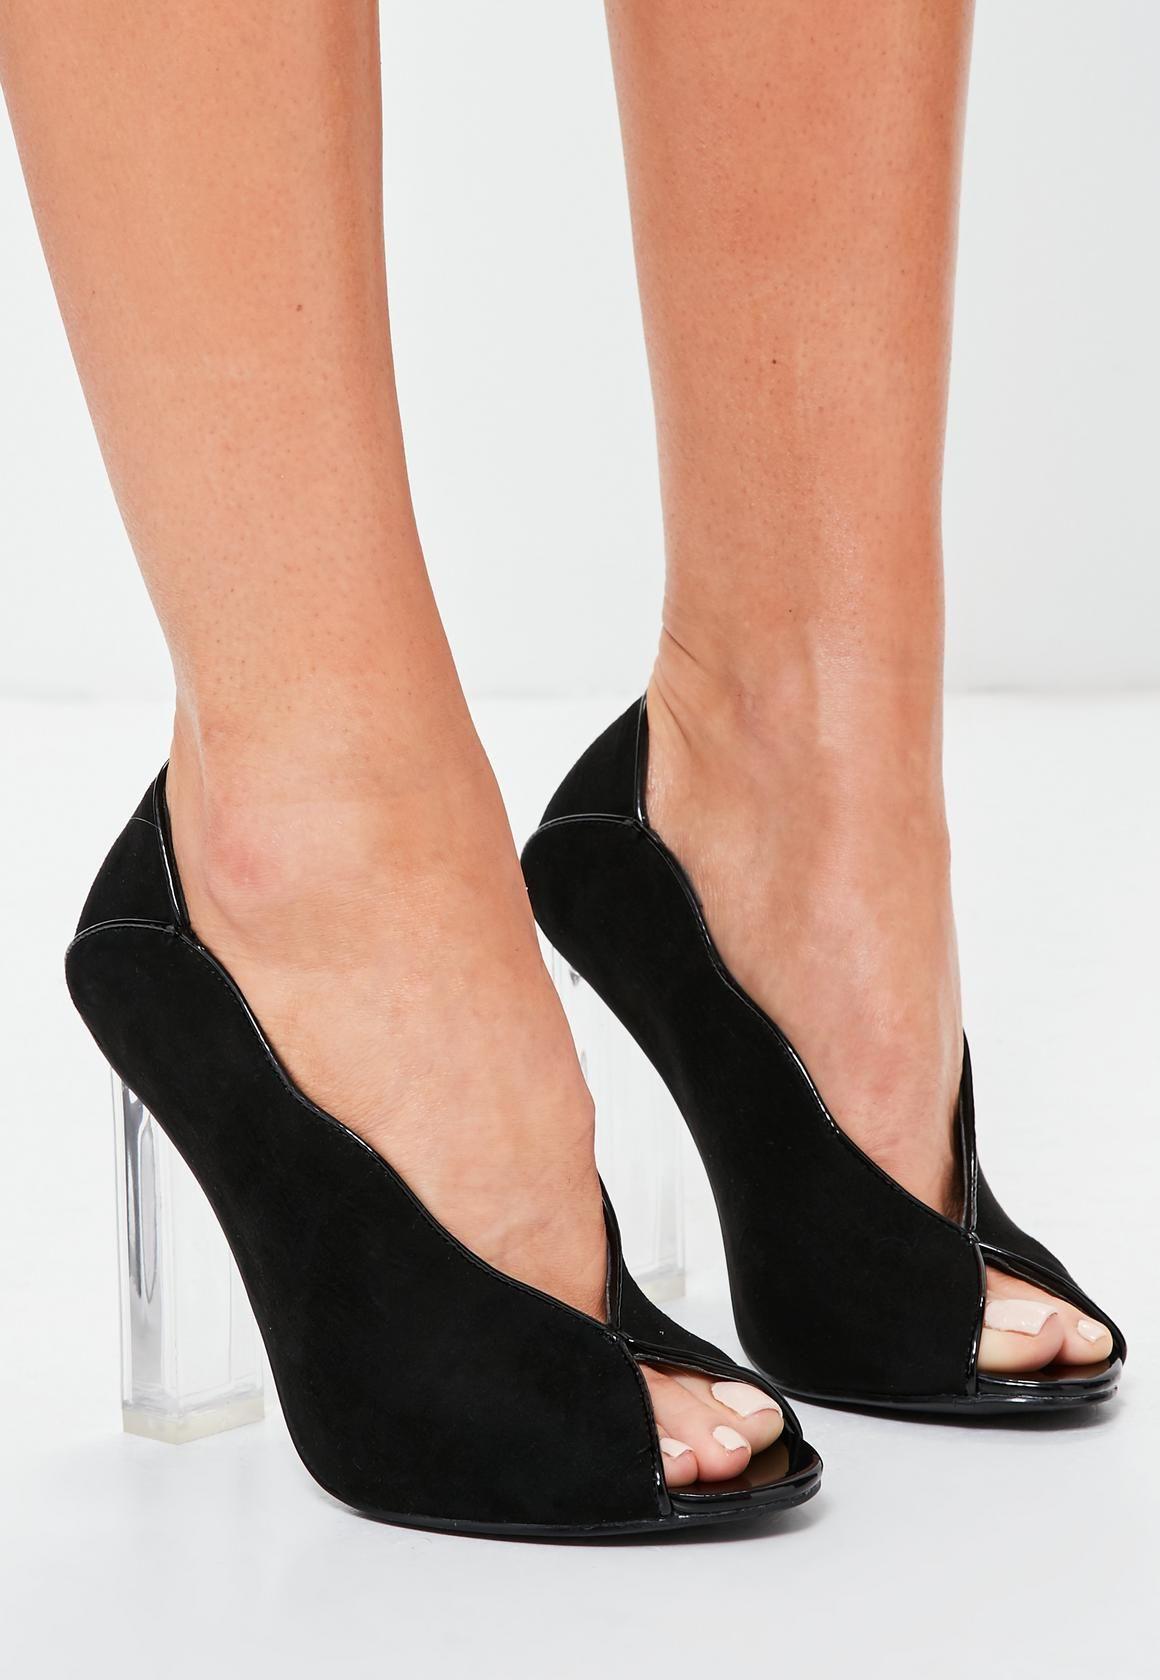 Peep toe heels: Looks Classy in Any